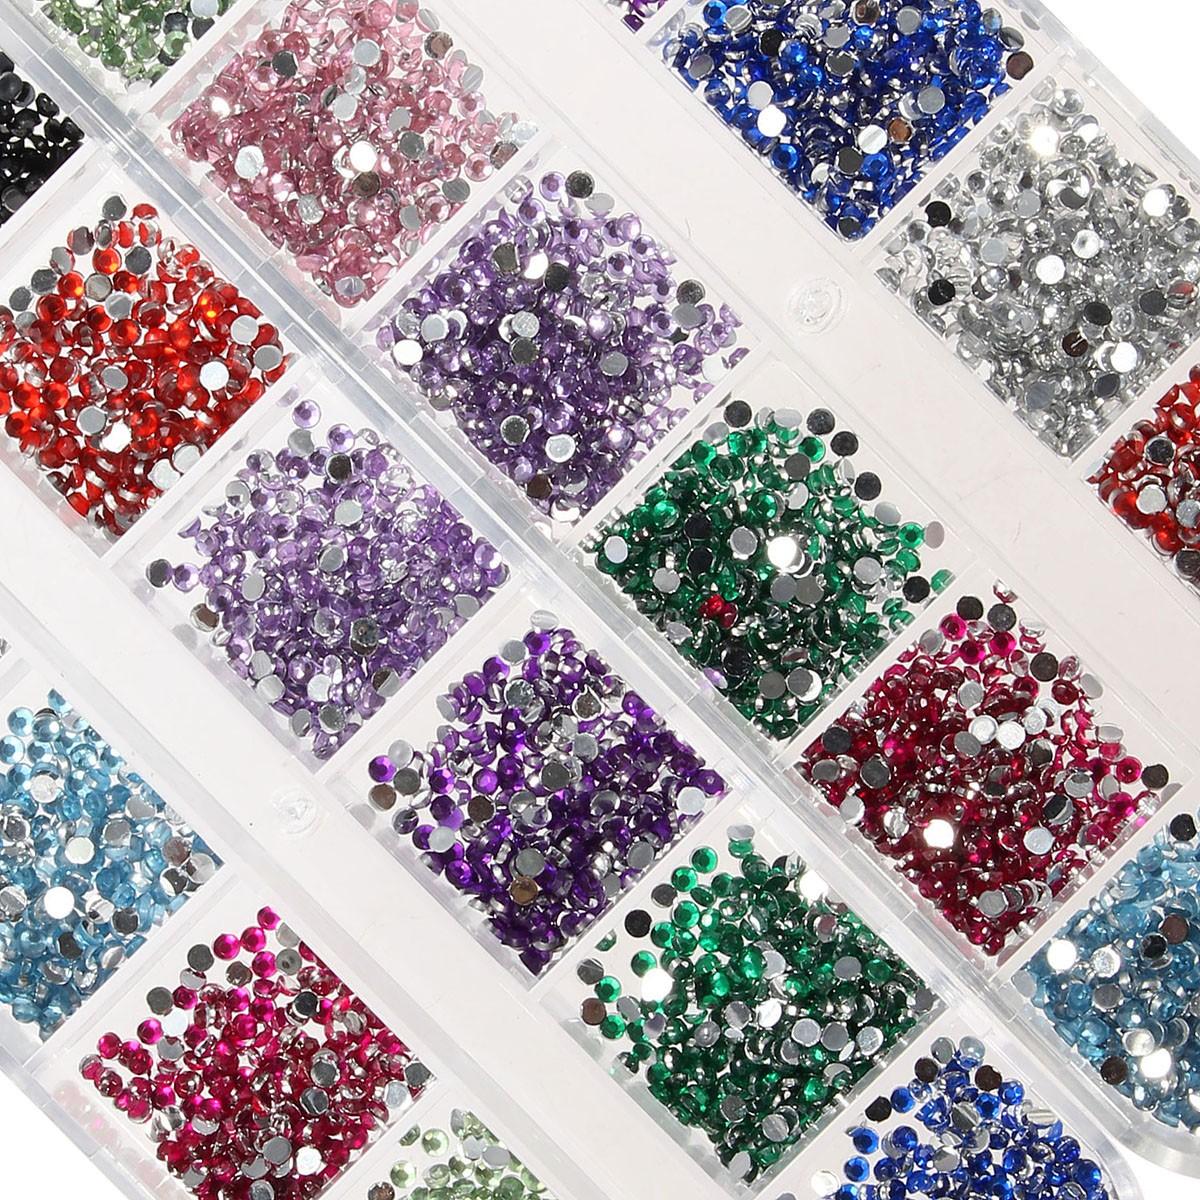 Multicolored Nail Art Decoration Rhinestone Waxed Picker Pencil Case Set Manicure Accessories